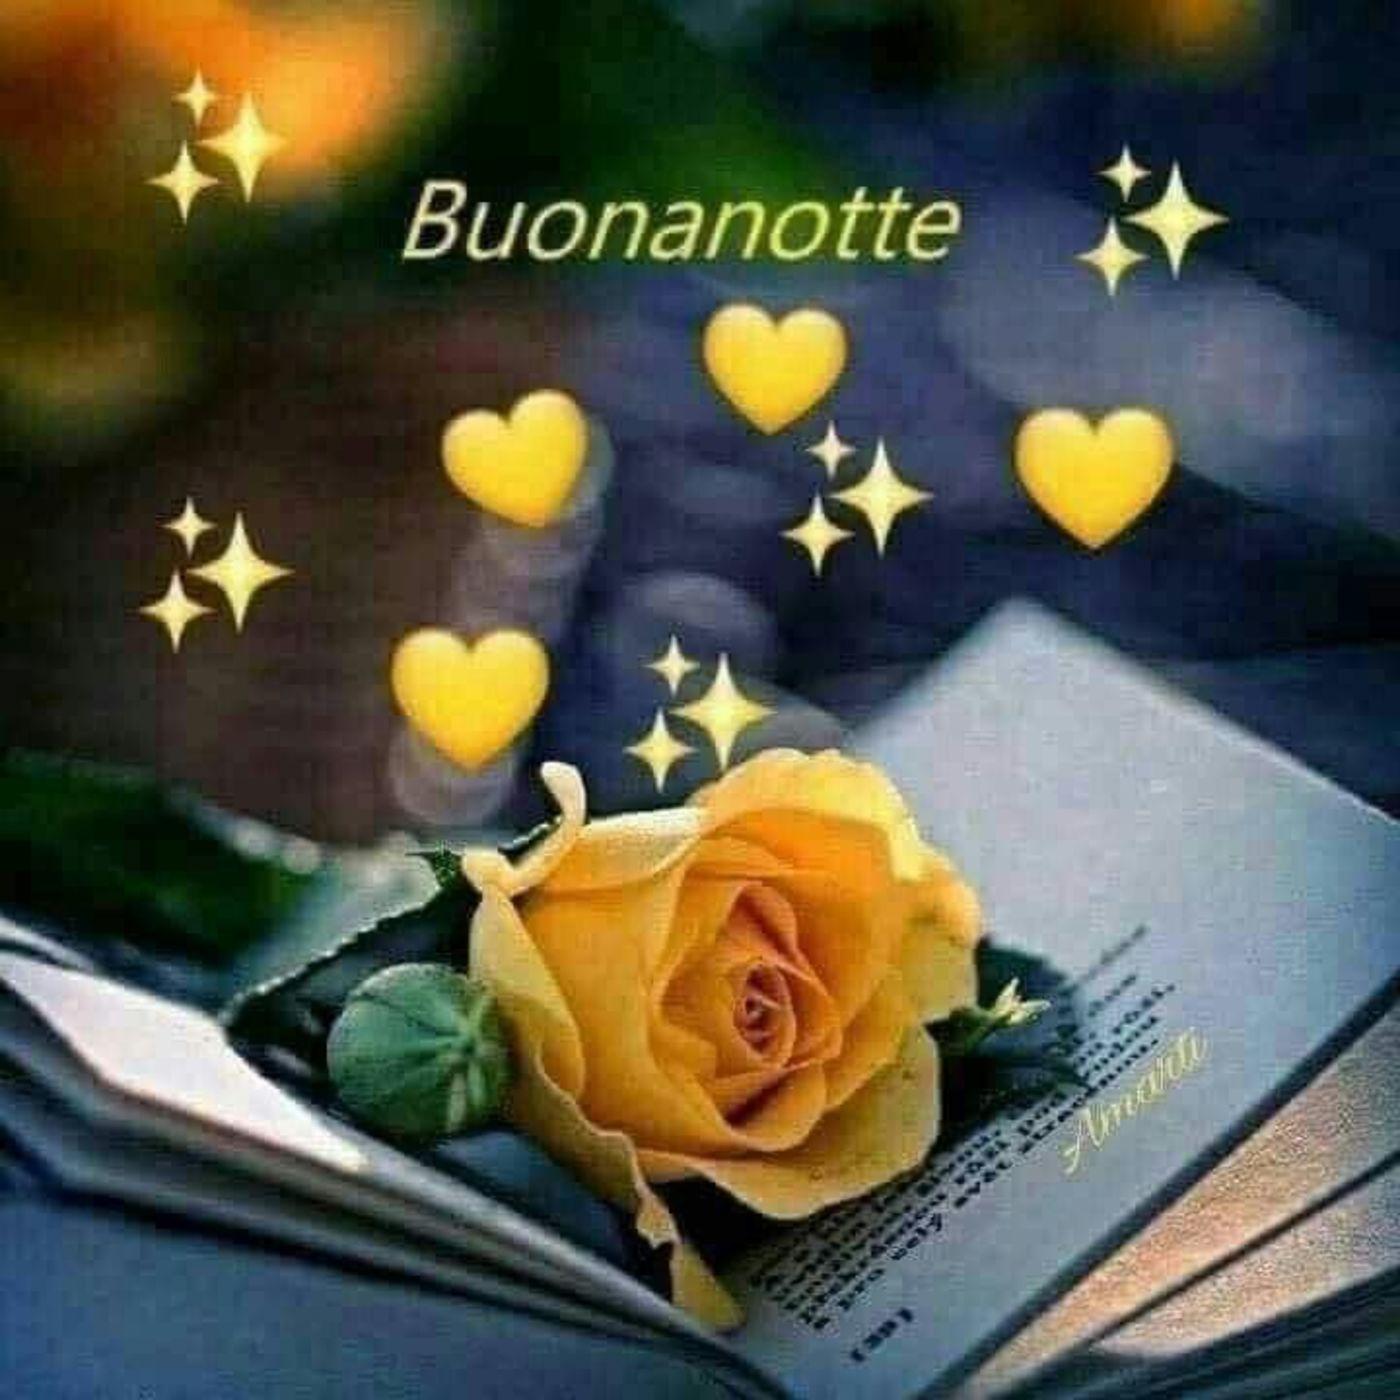 Buonanotte Immagini Gratis Coi Fiori Buongiornissimocaffe It